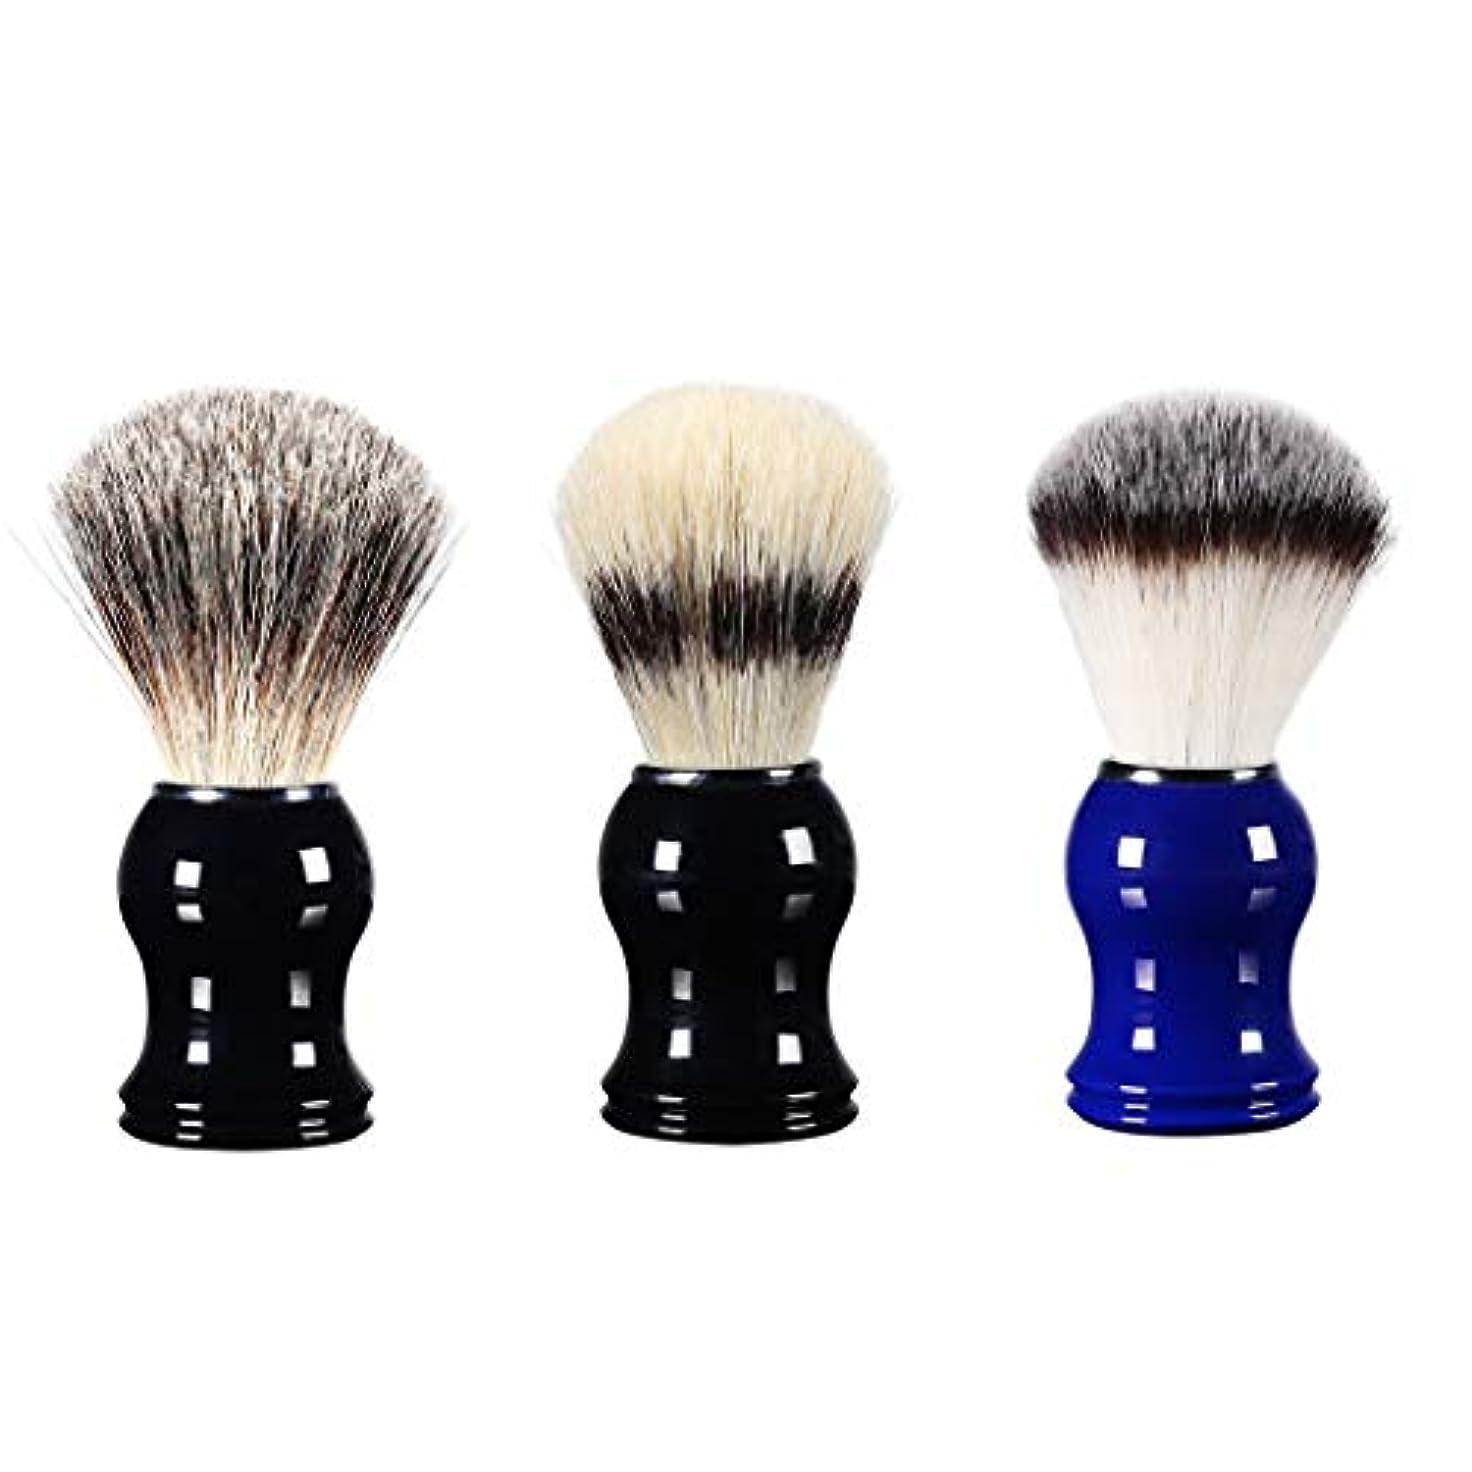 周囲デザート追記シェービング用ブラシ メンズ 理容 洗顔 髭剃り 泡立ち 3個入